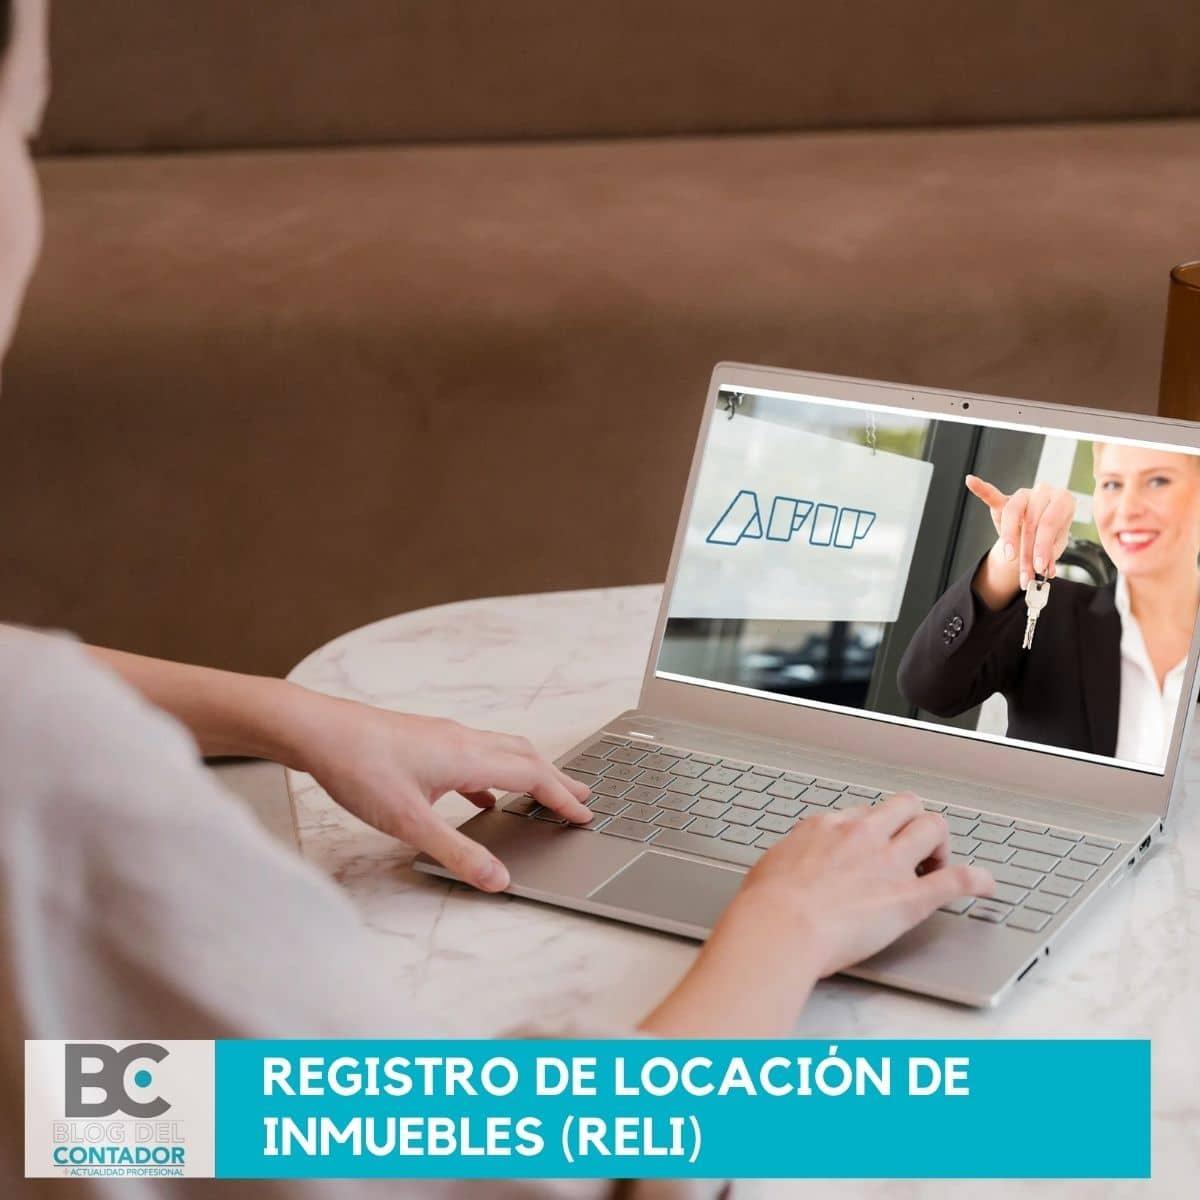 Registro de locación de inmuebles (RELI)